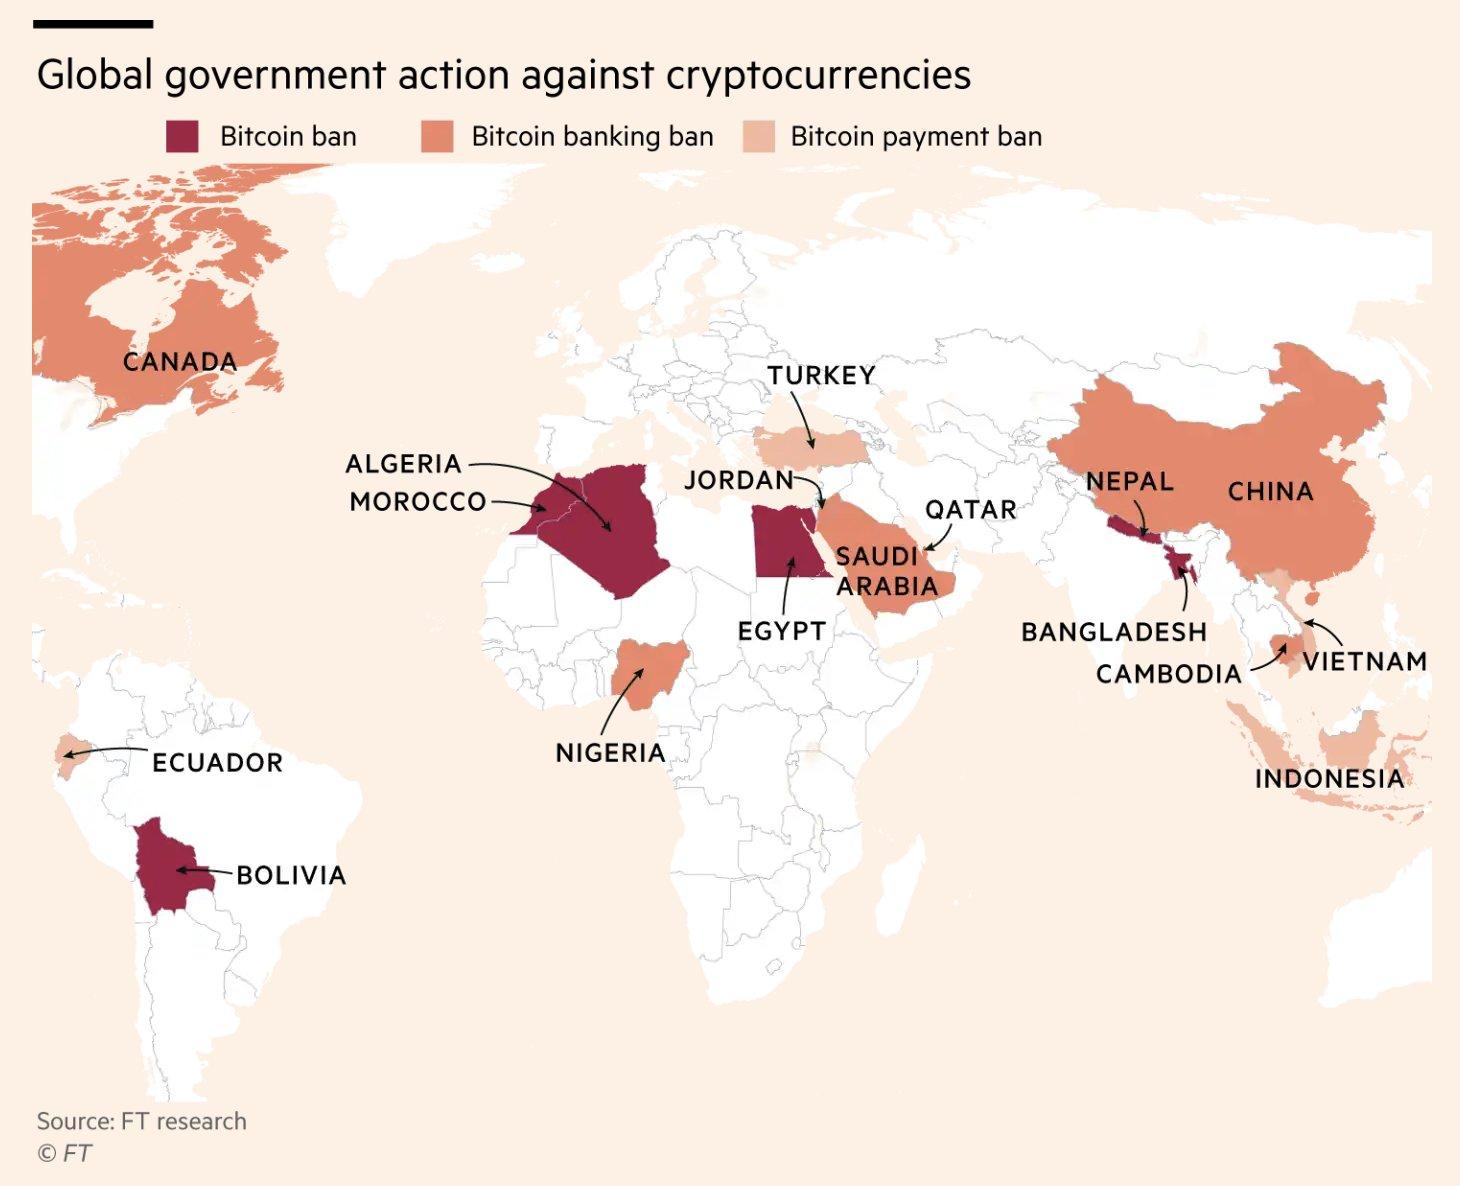 Bitcoin economic freedom index 2021